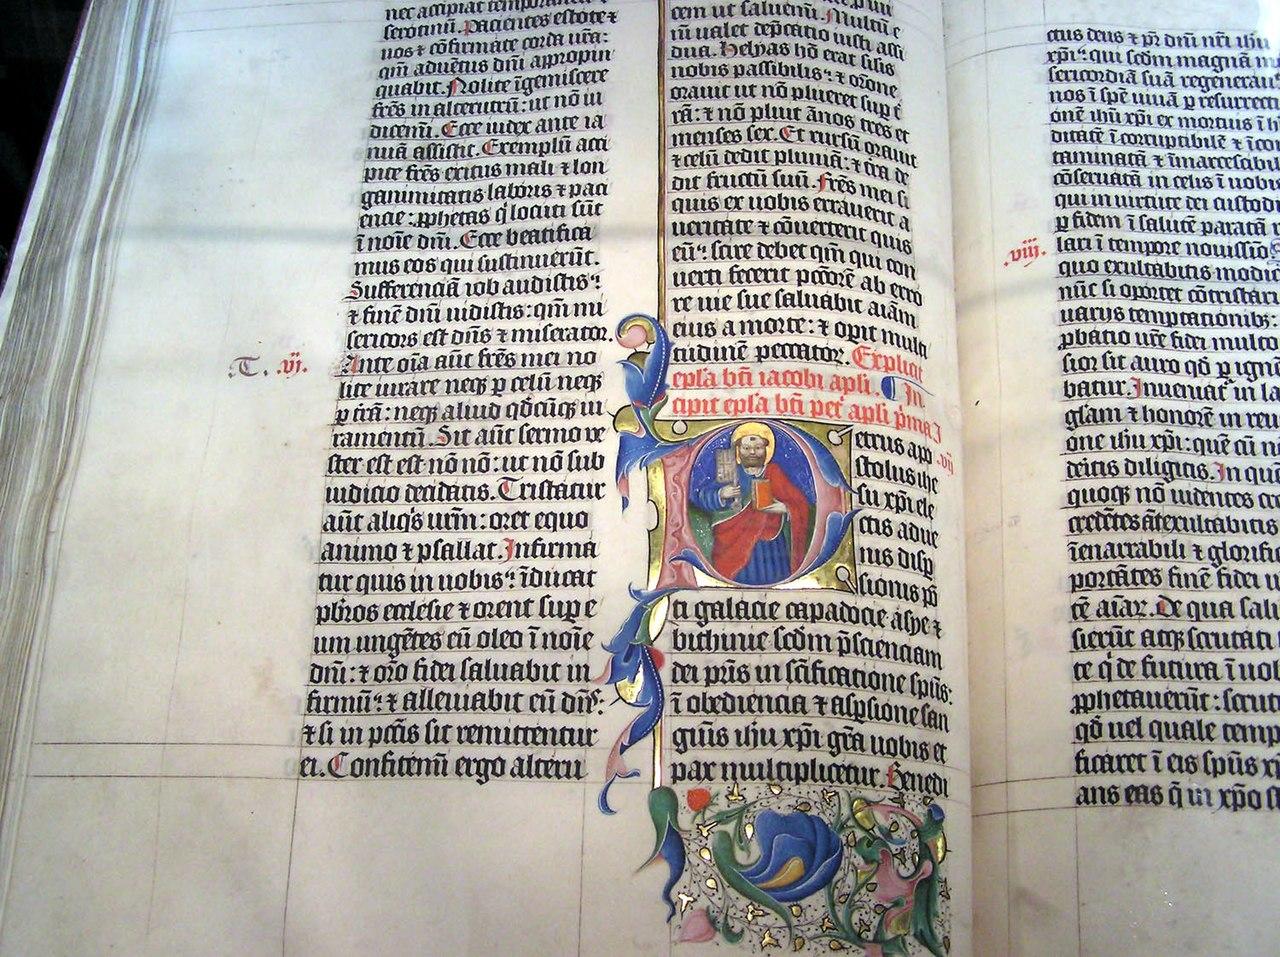 1407 Bible in Latin